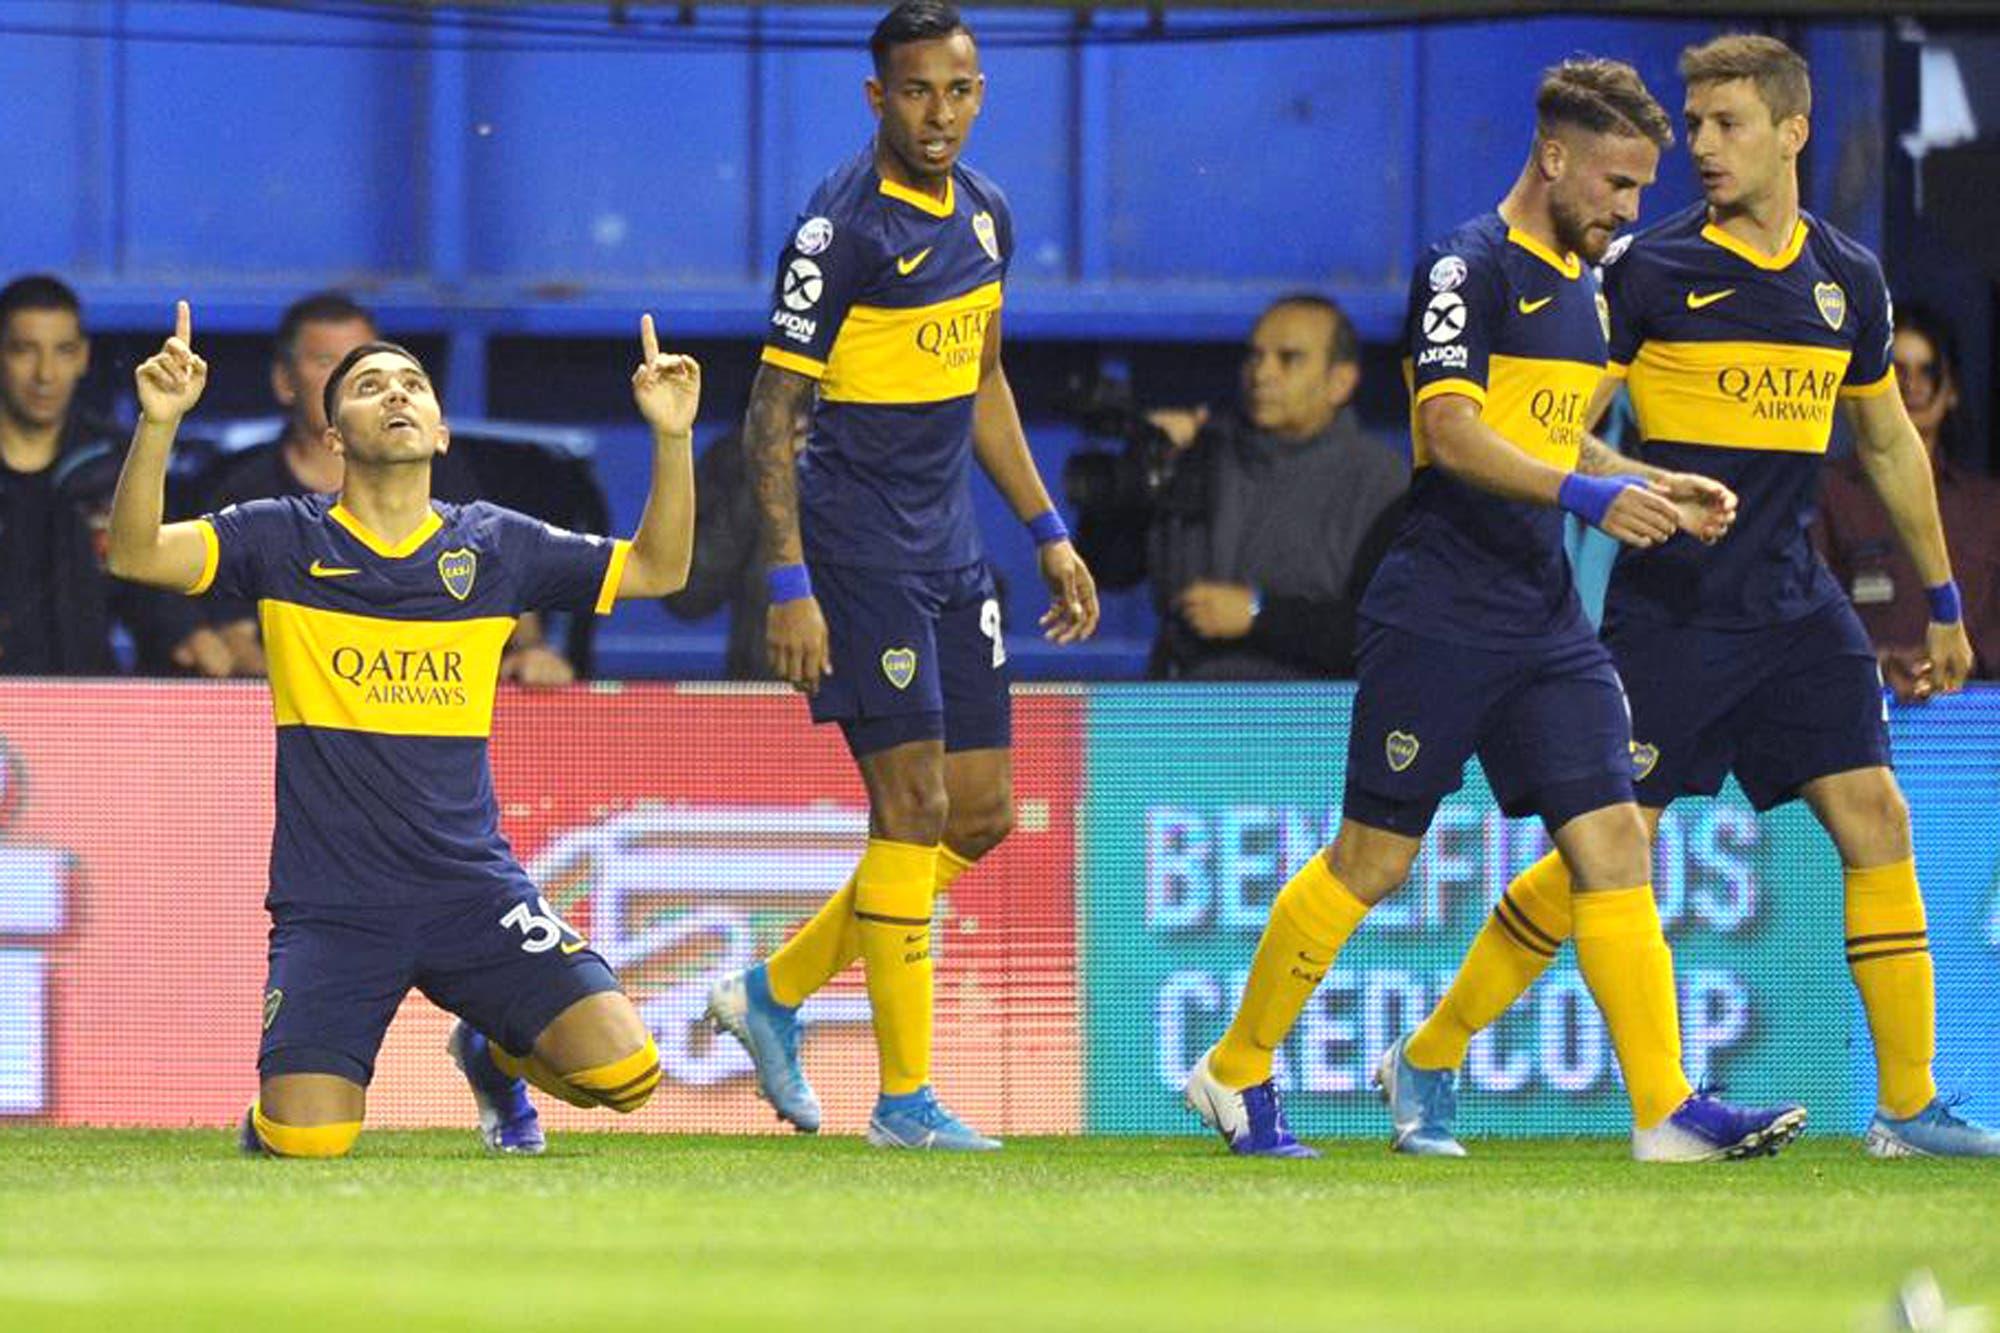 Boca-Estudiantes, por la Superliga: el xeneize gana 1-0, con gol de Reynoso